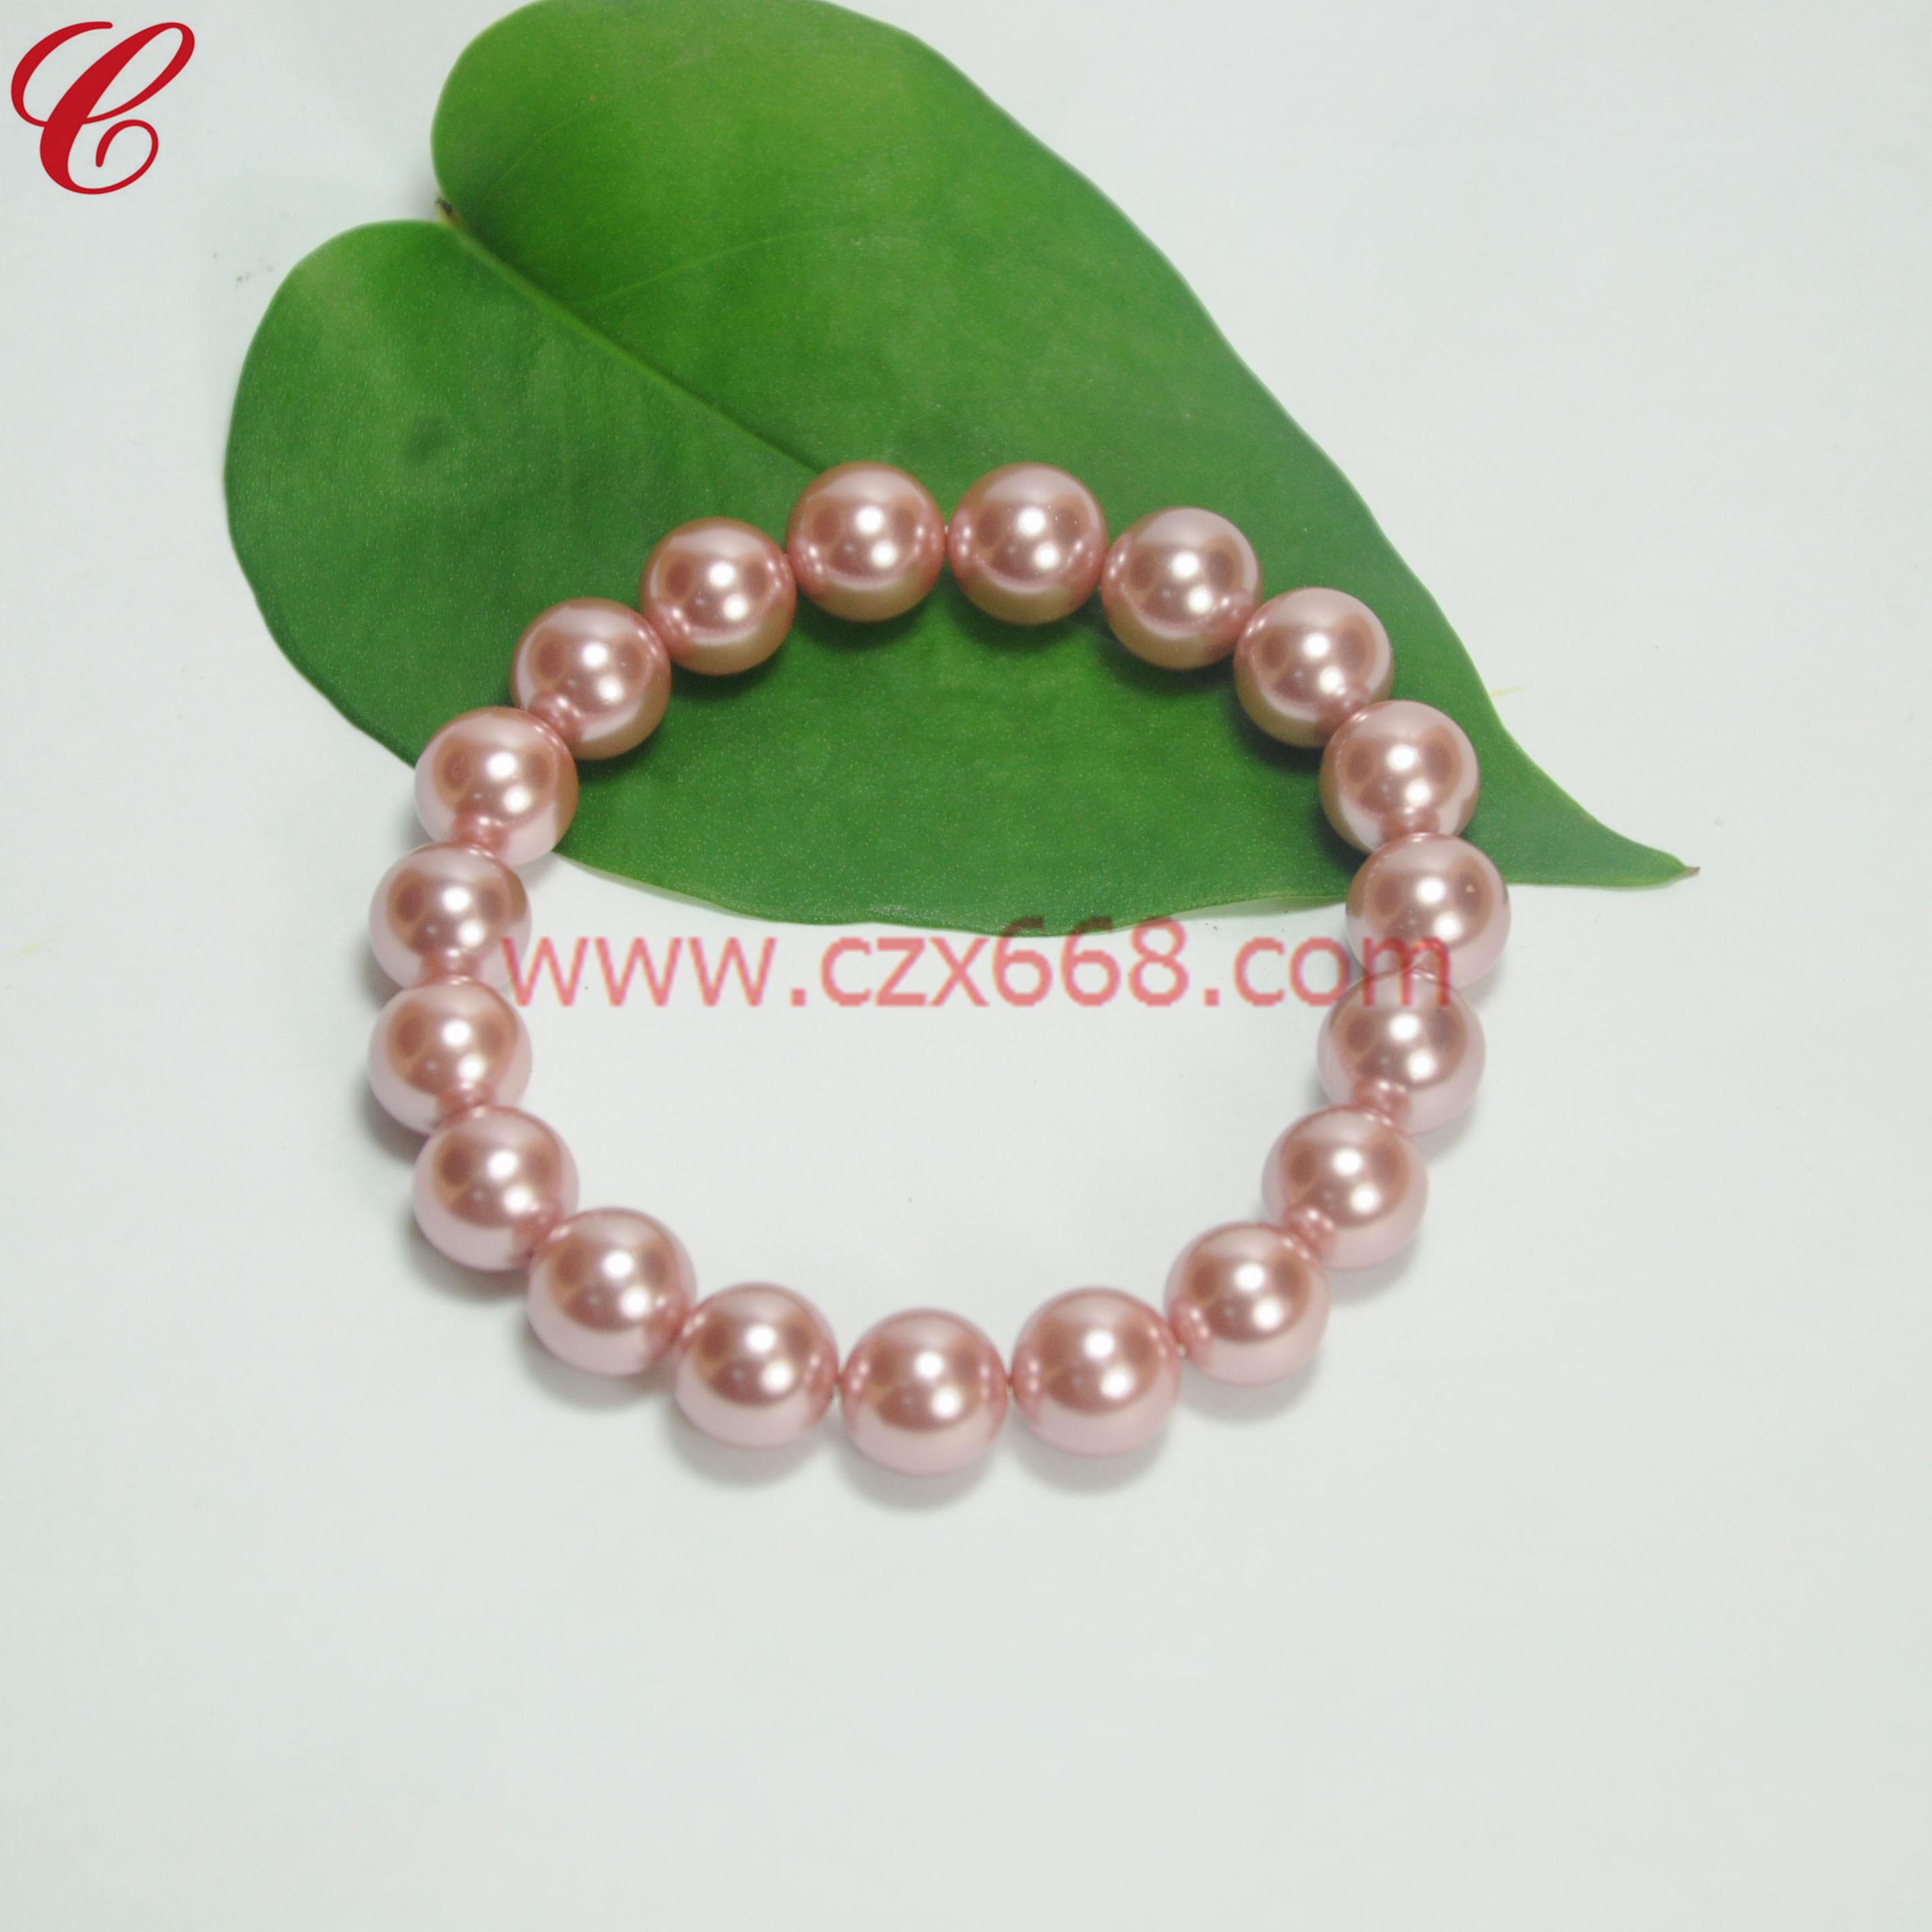 仿珍珠饰品手链-35